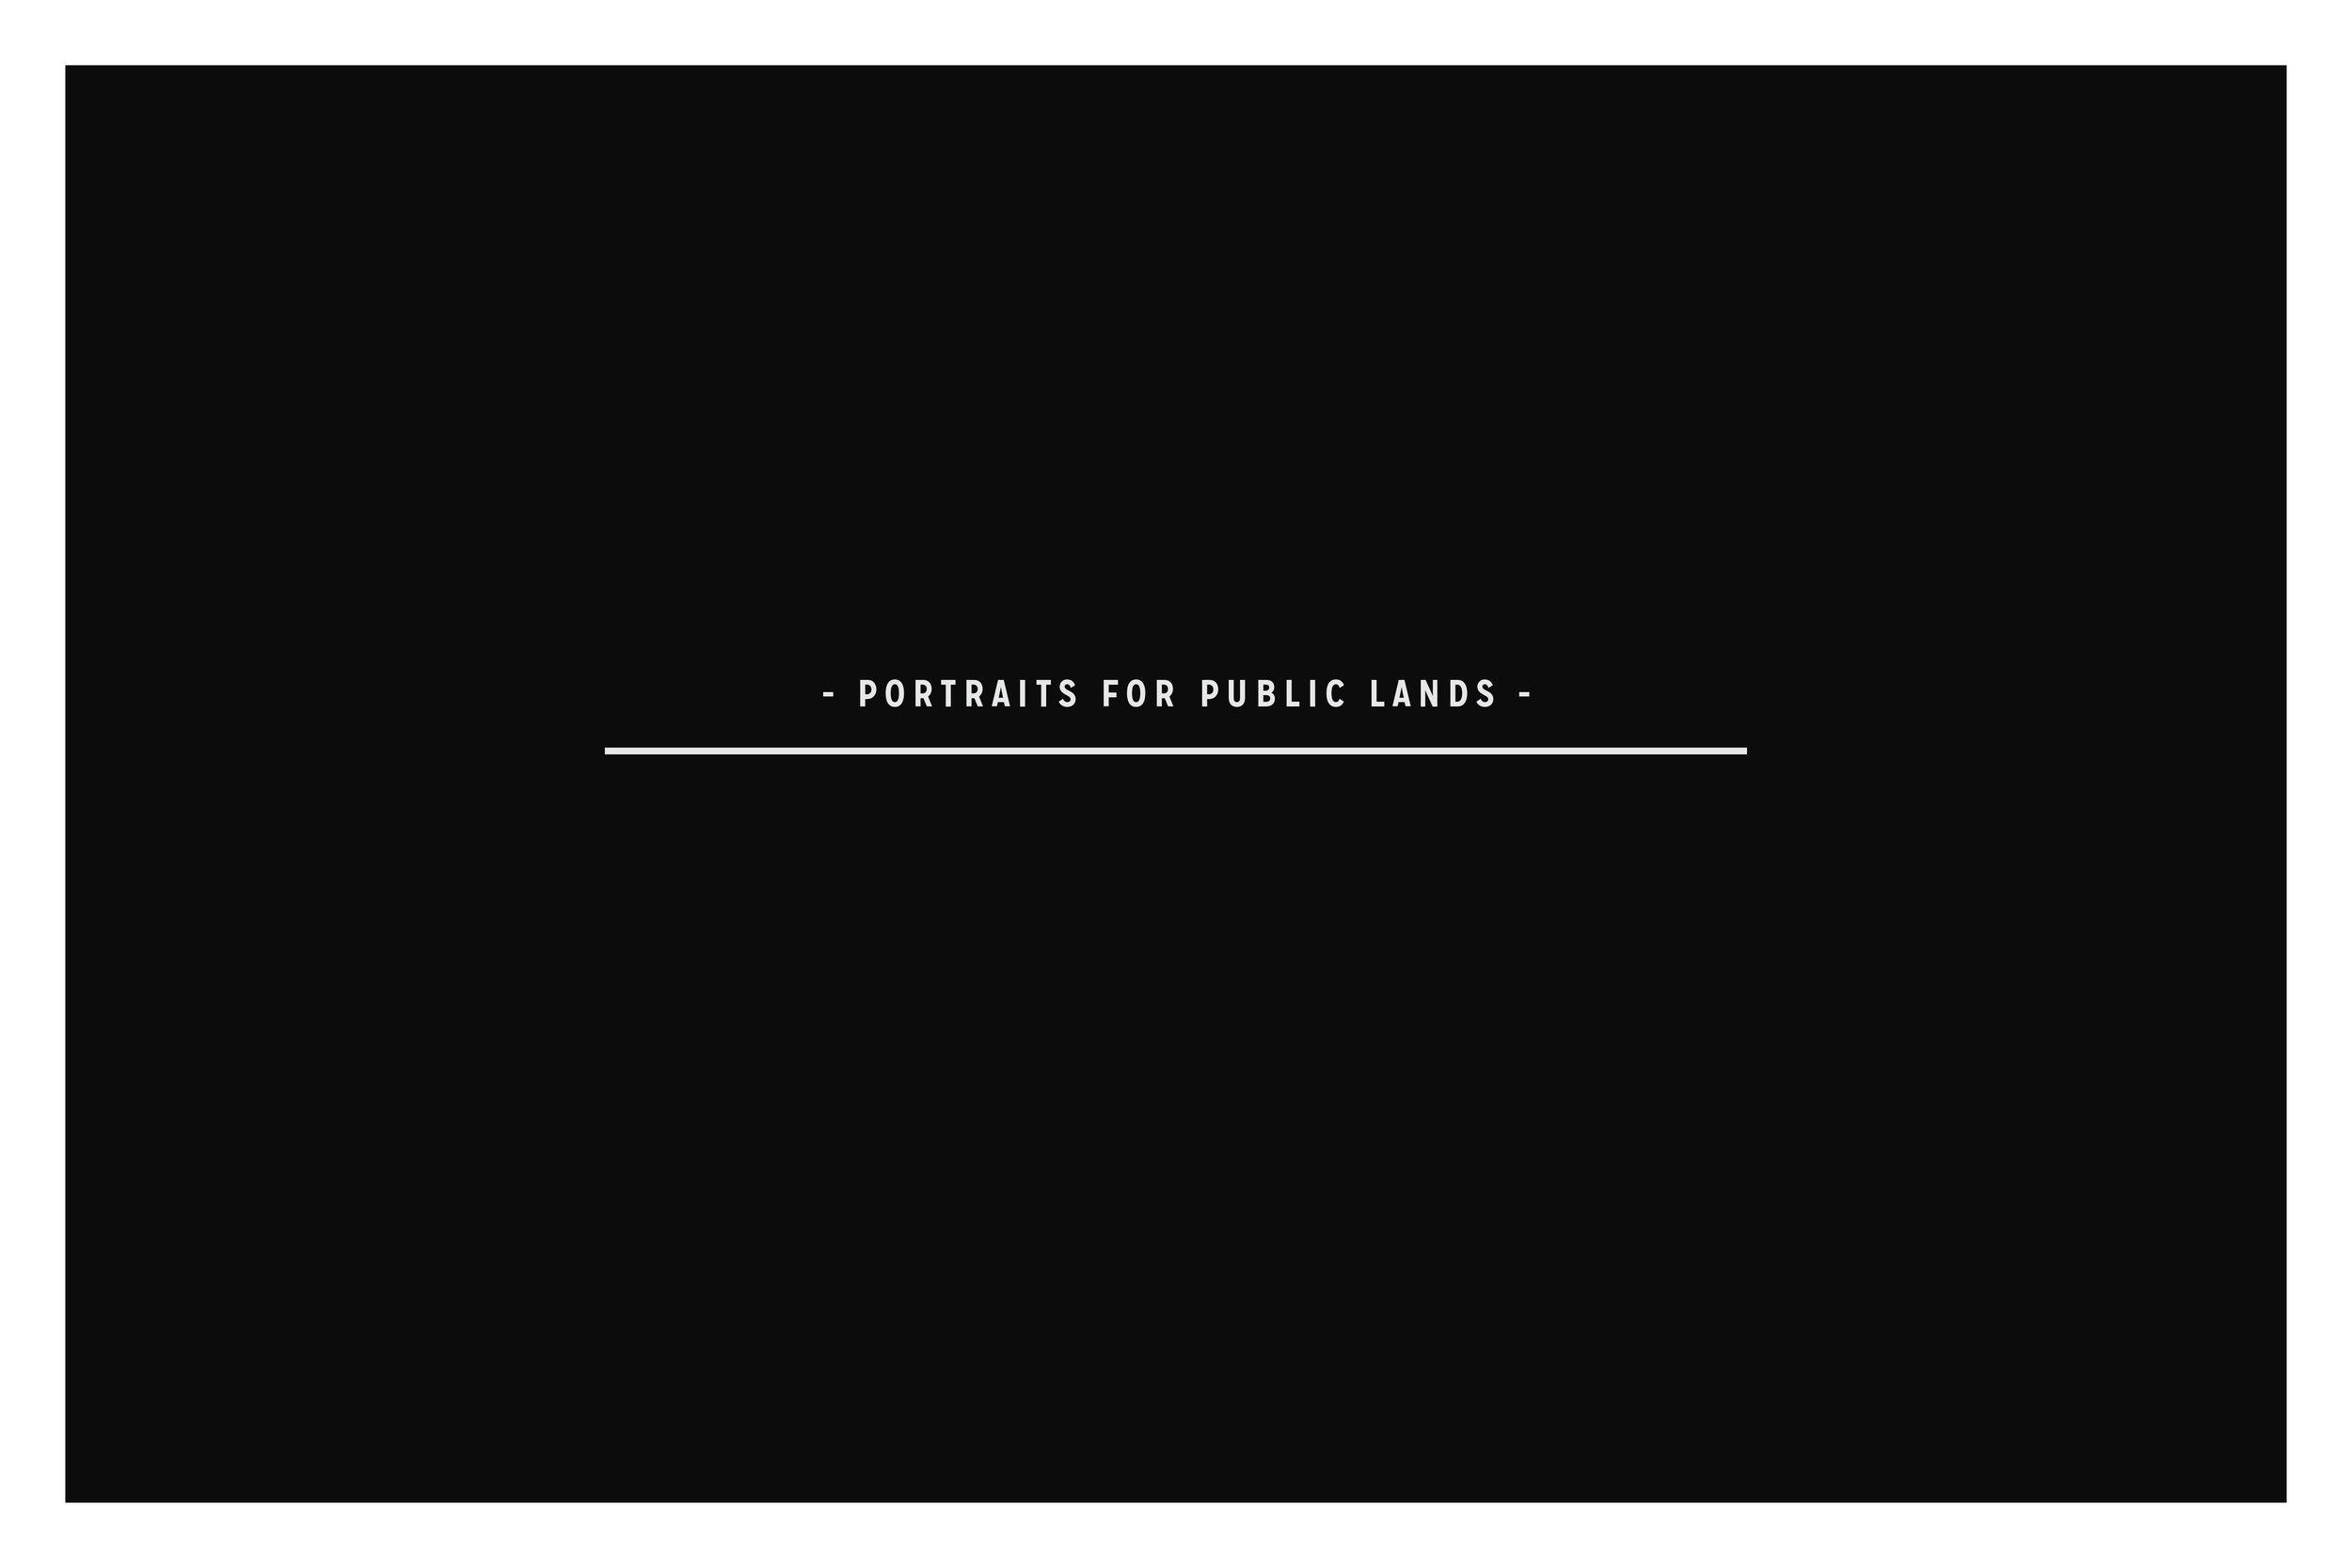 Portratis for Public Lands.jpg